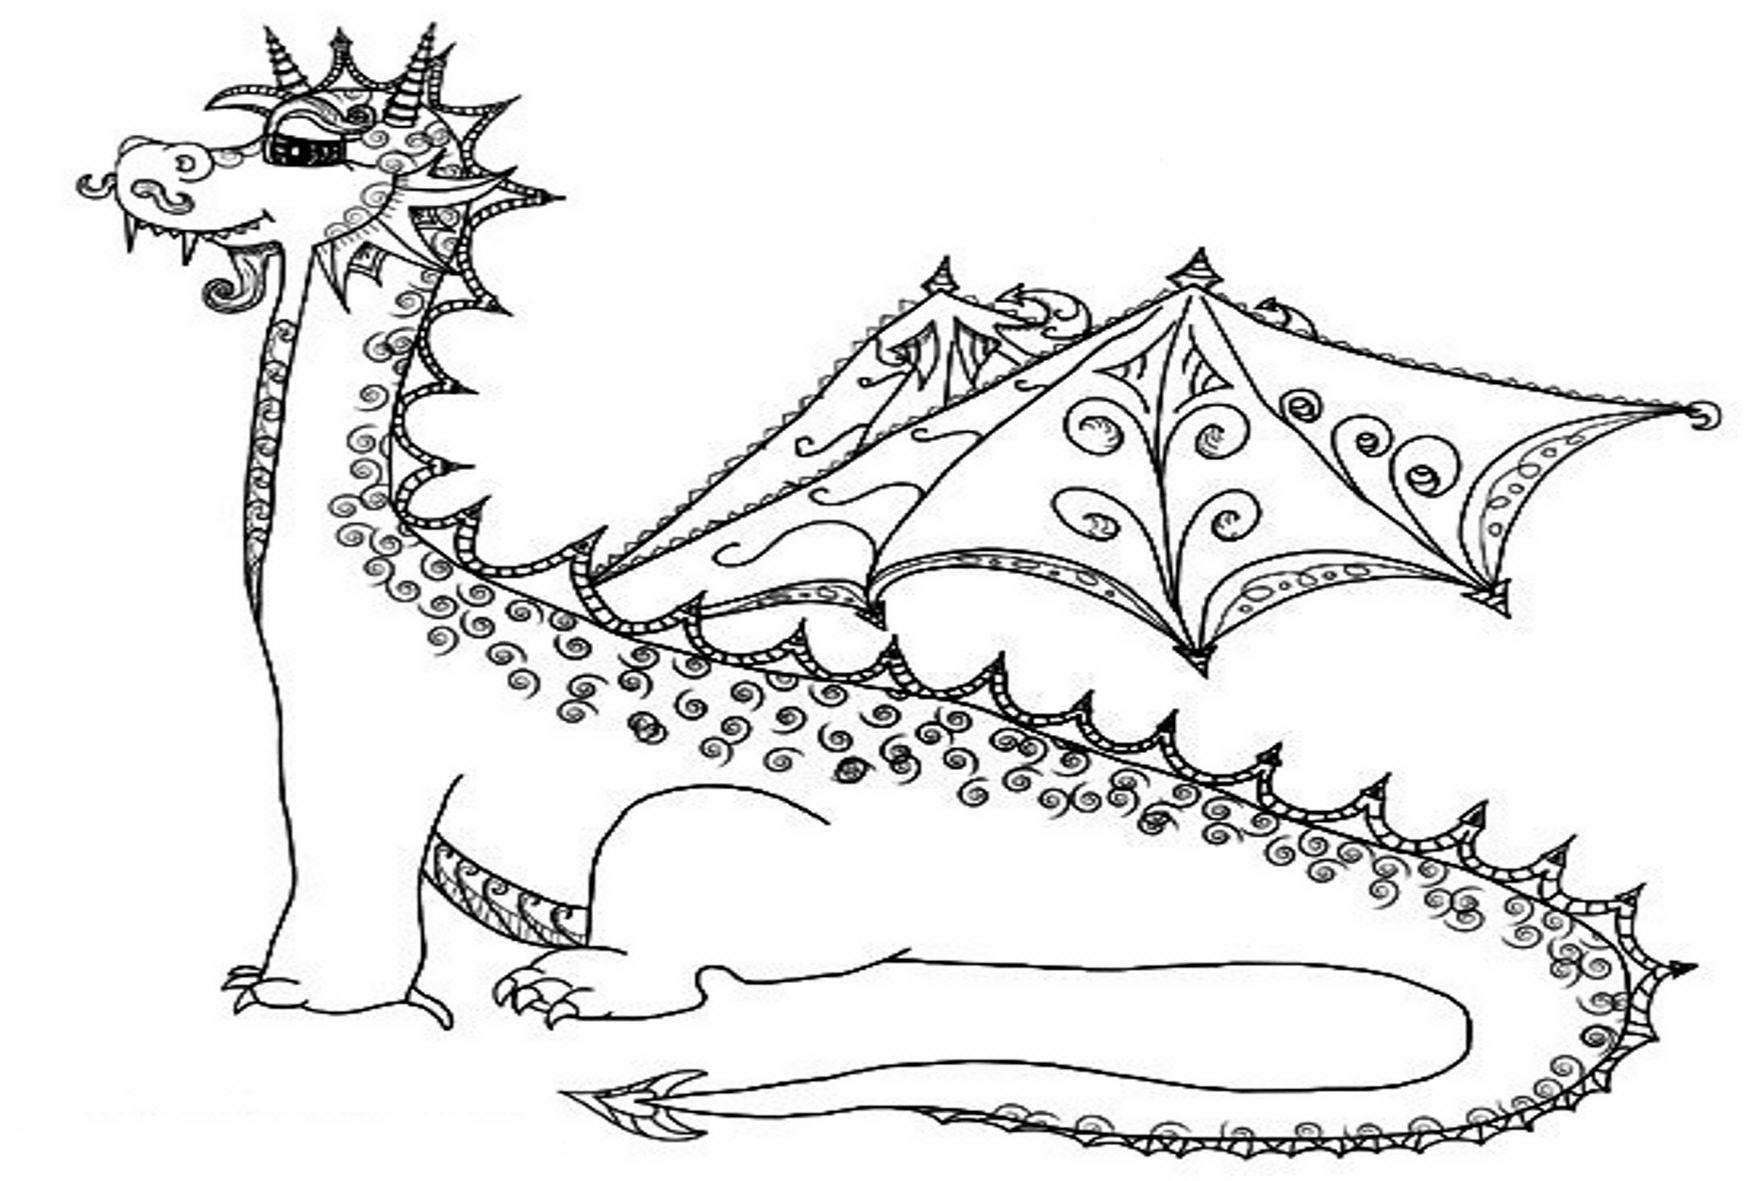 Раскраски для мальчиков - драконы